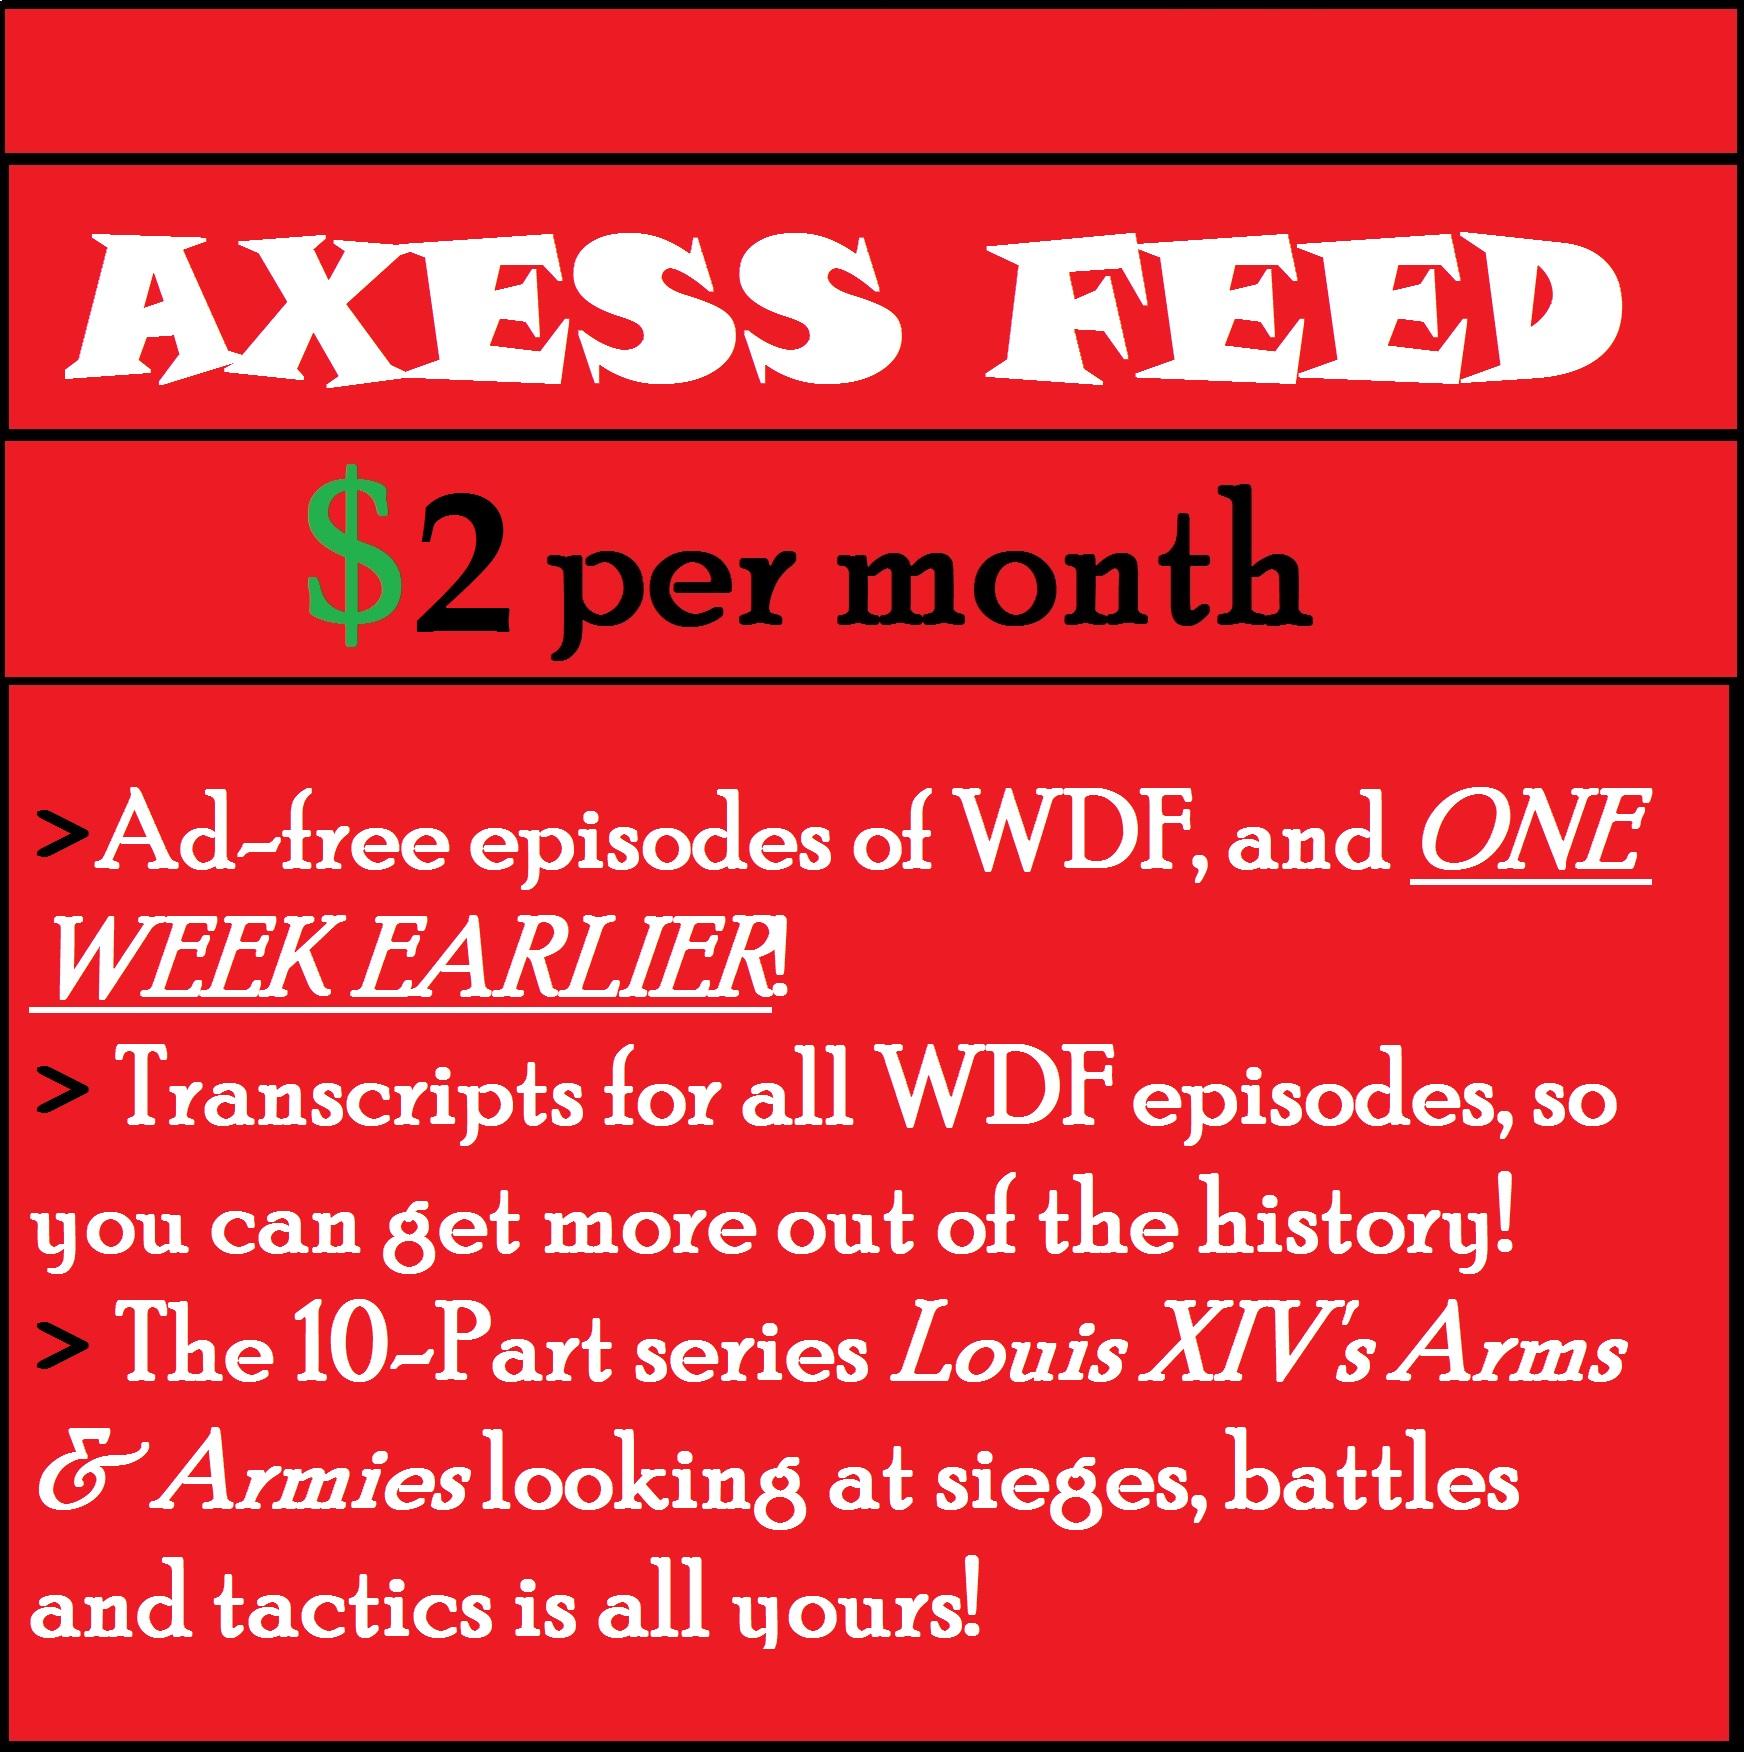 AXess feed 2.jpg